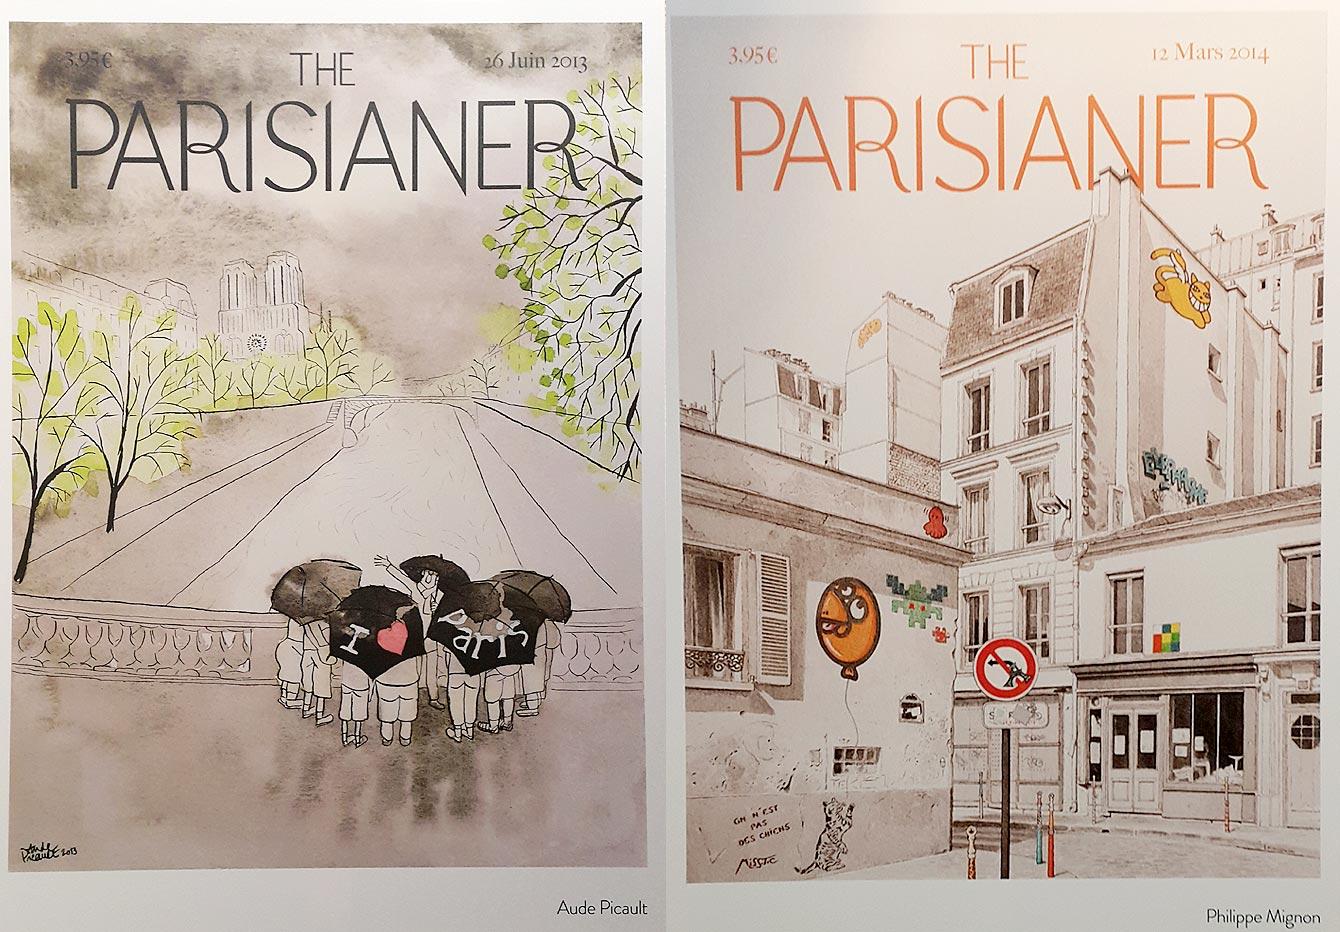 expo-parisianer02